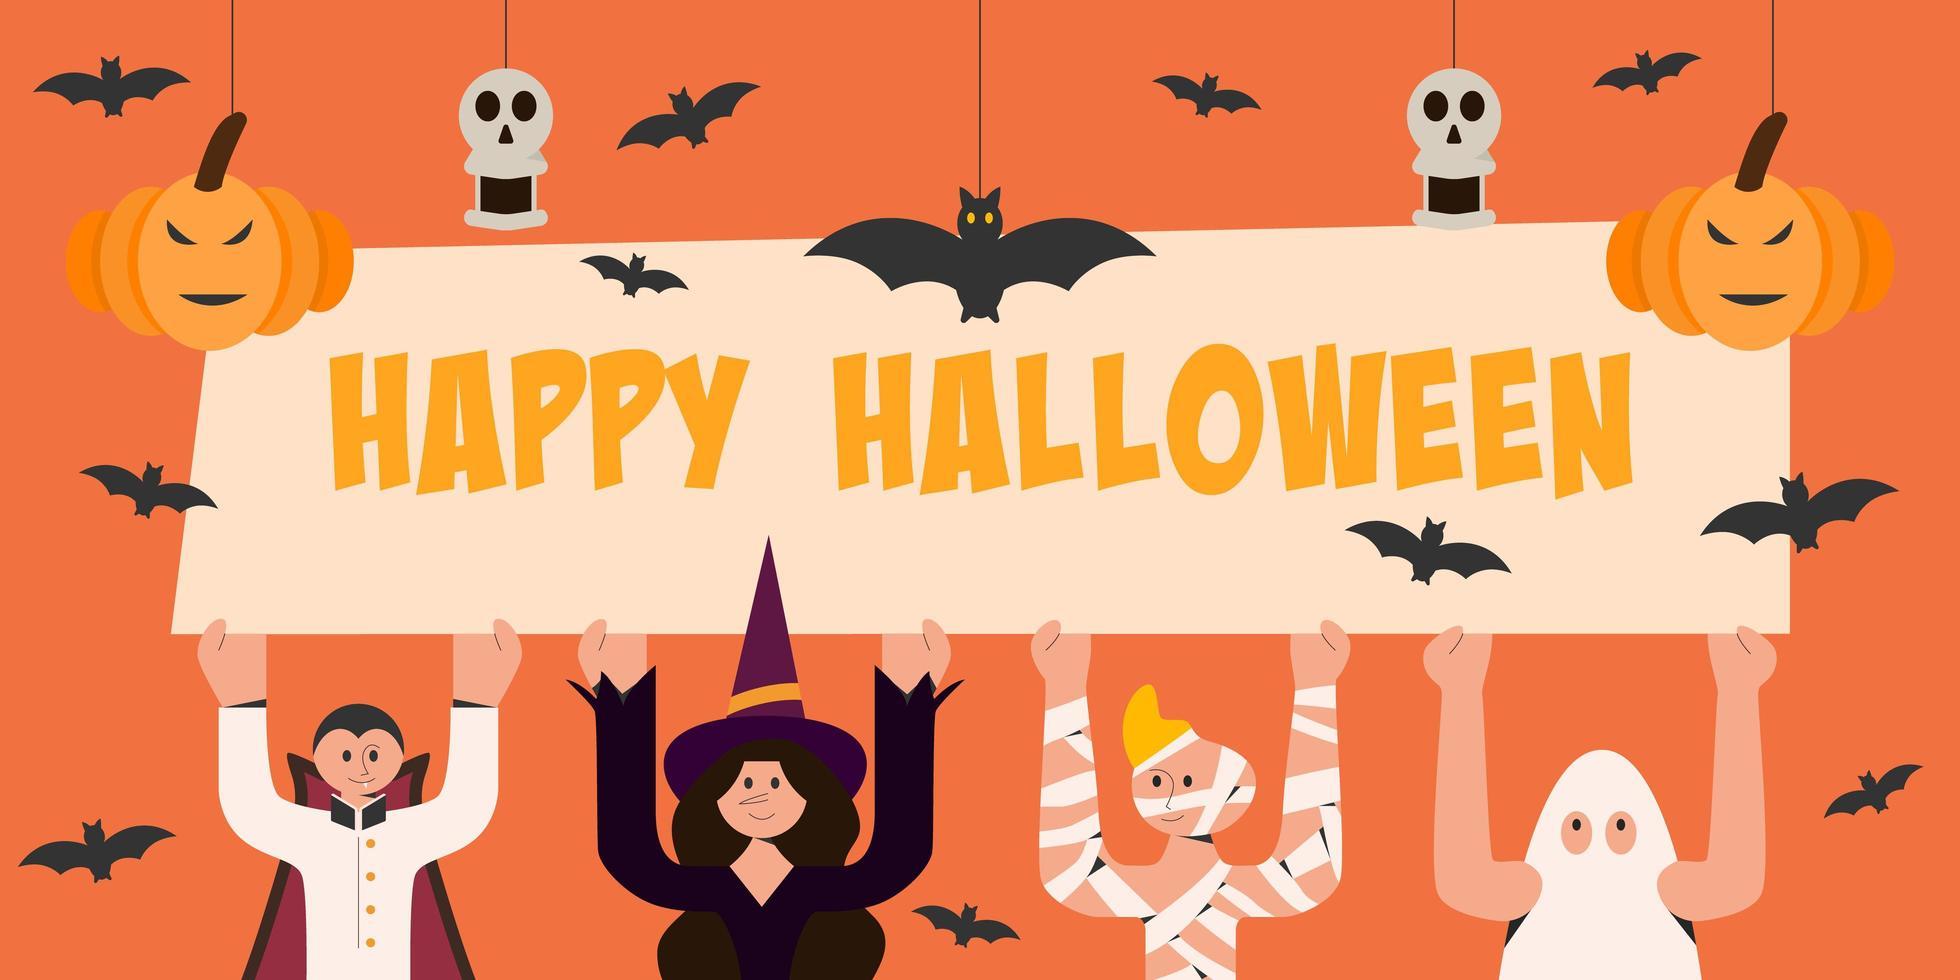 personnages de la journée dhalloween tenant un signe dhalloween heureux vecteur